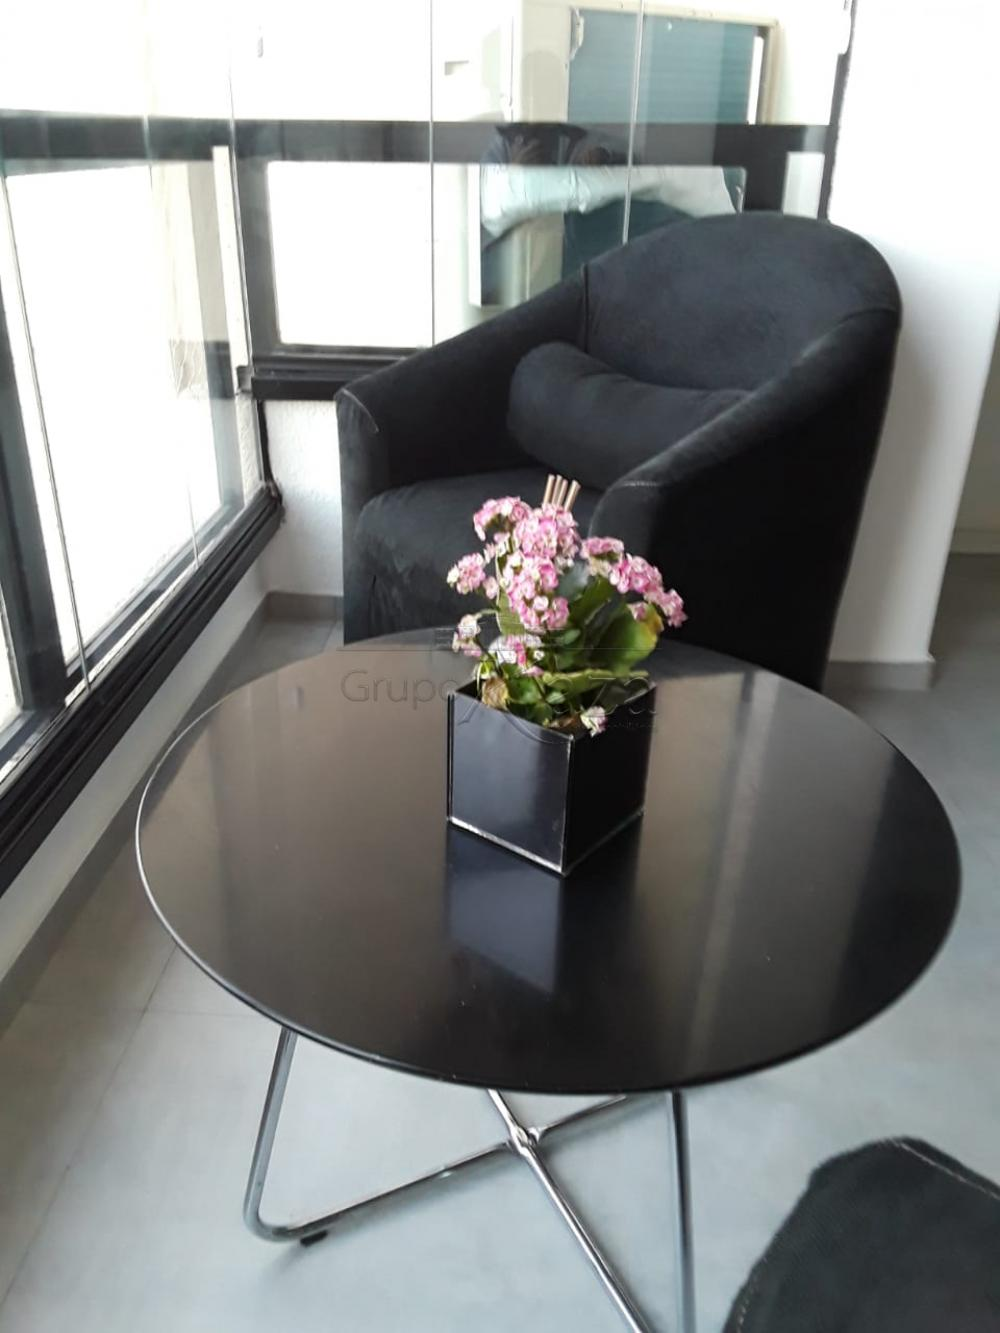 Alugar Apartamento / Padrão em São José dos Campos R$ 2.900,00 - Foto 11